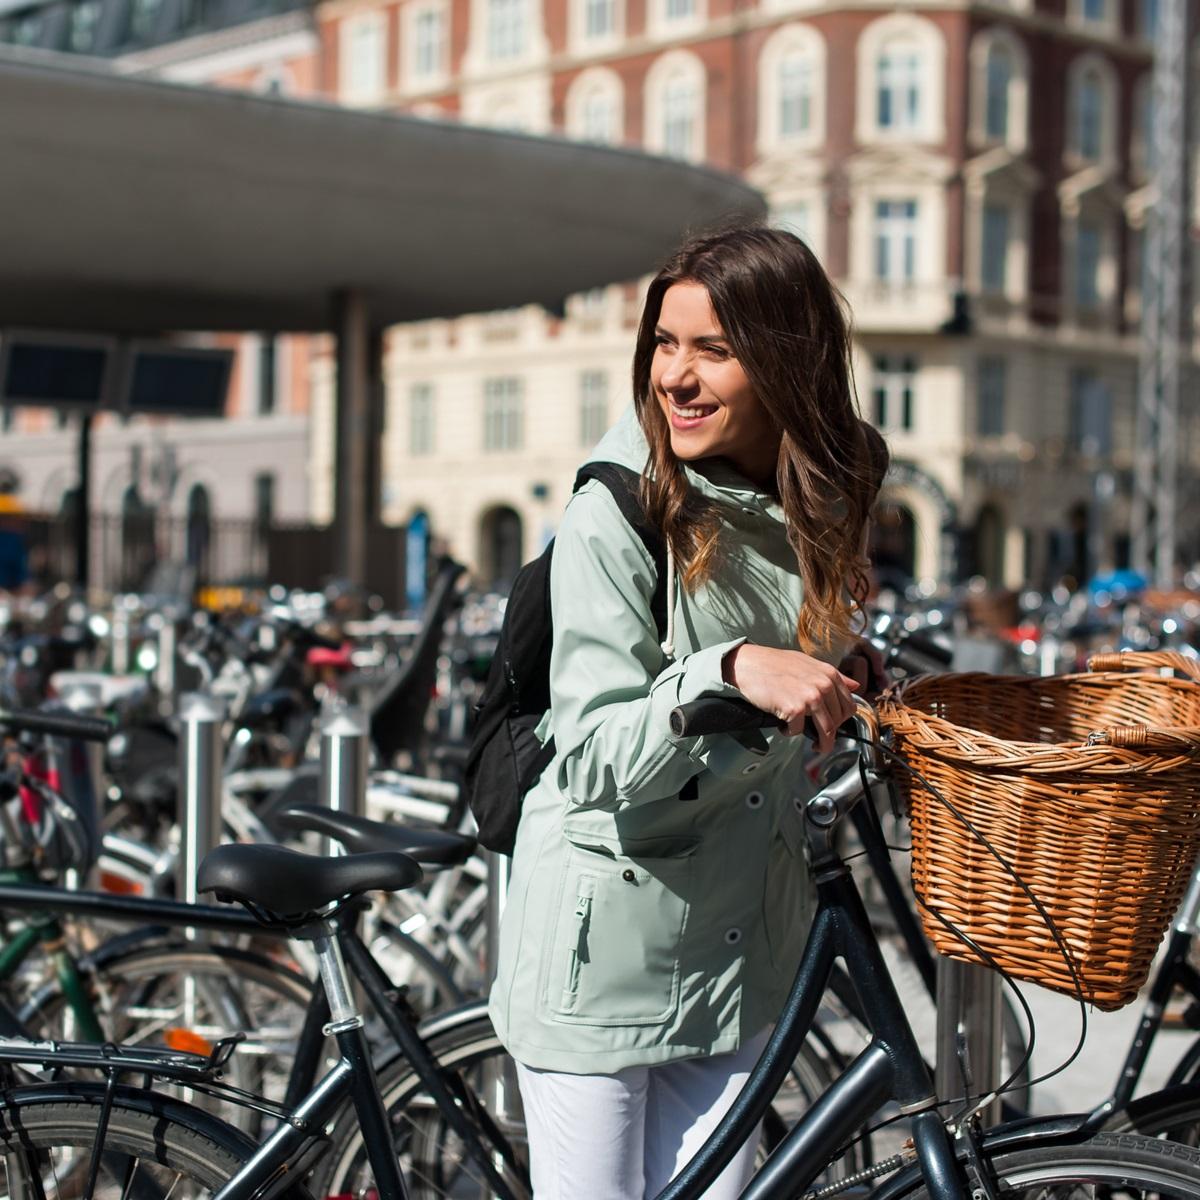 Copenhagen ranks highest in the Safe Cities Index 2021